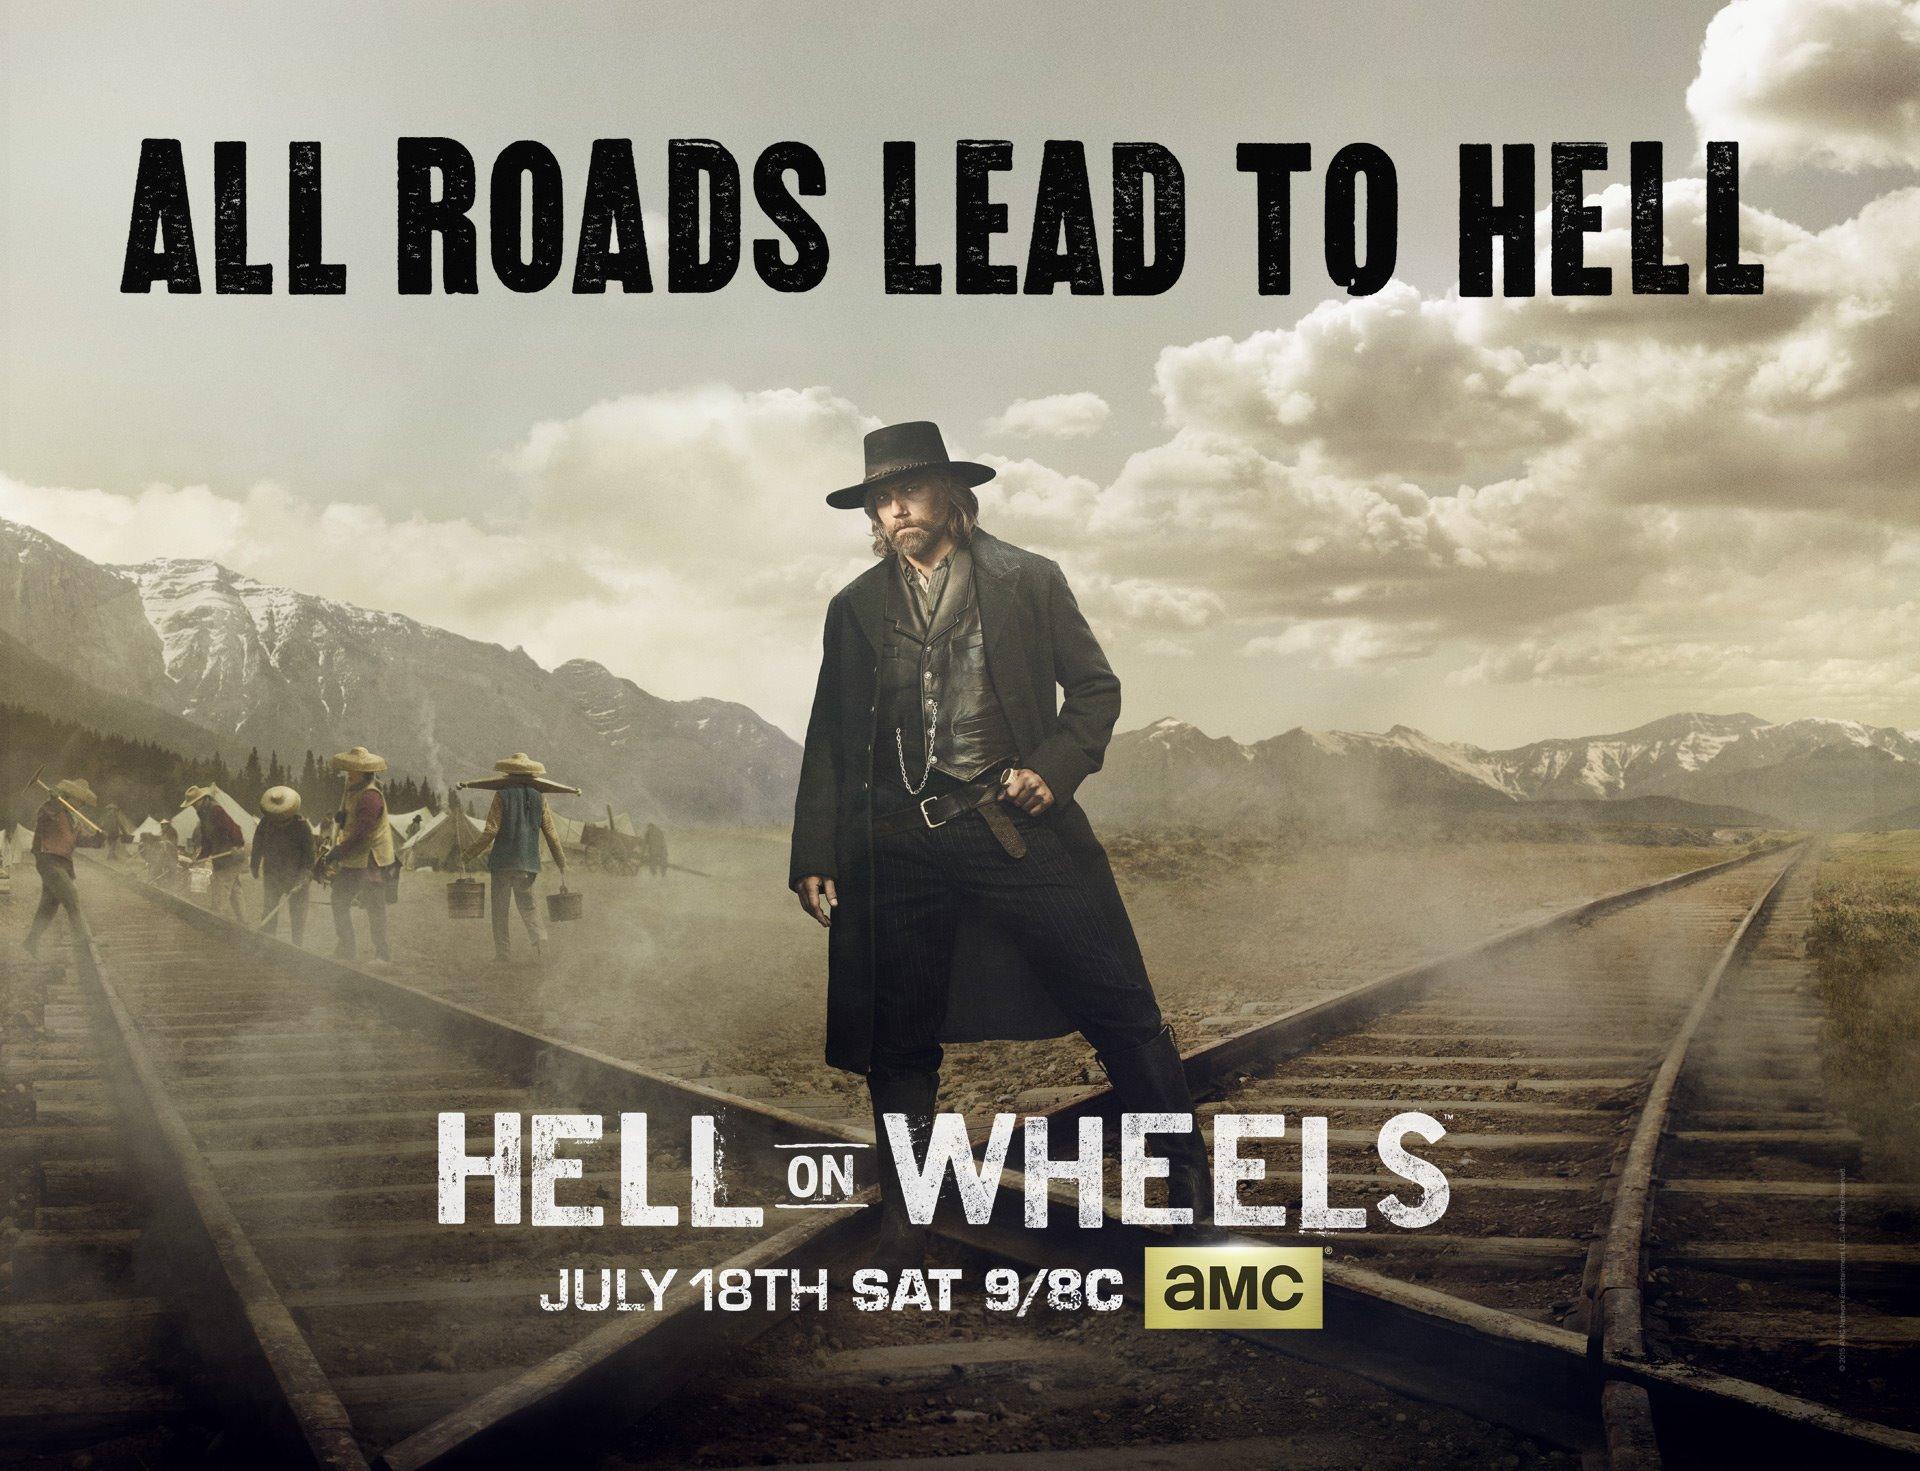 Hell on wheels season 5 premiere date